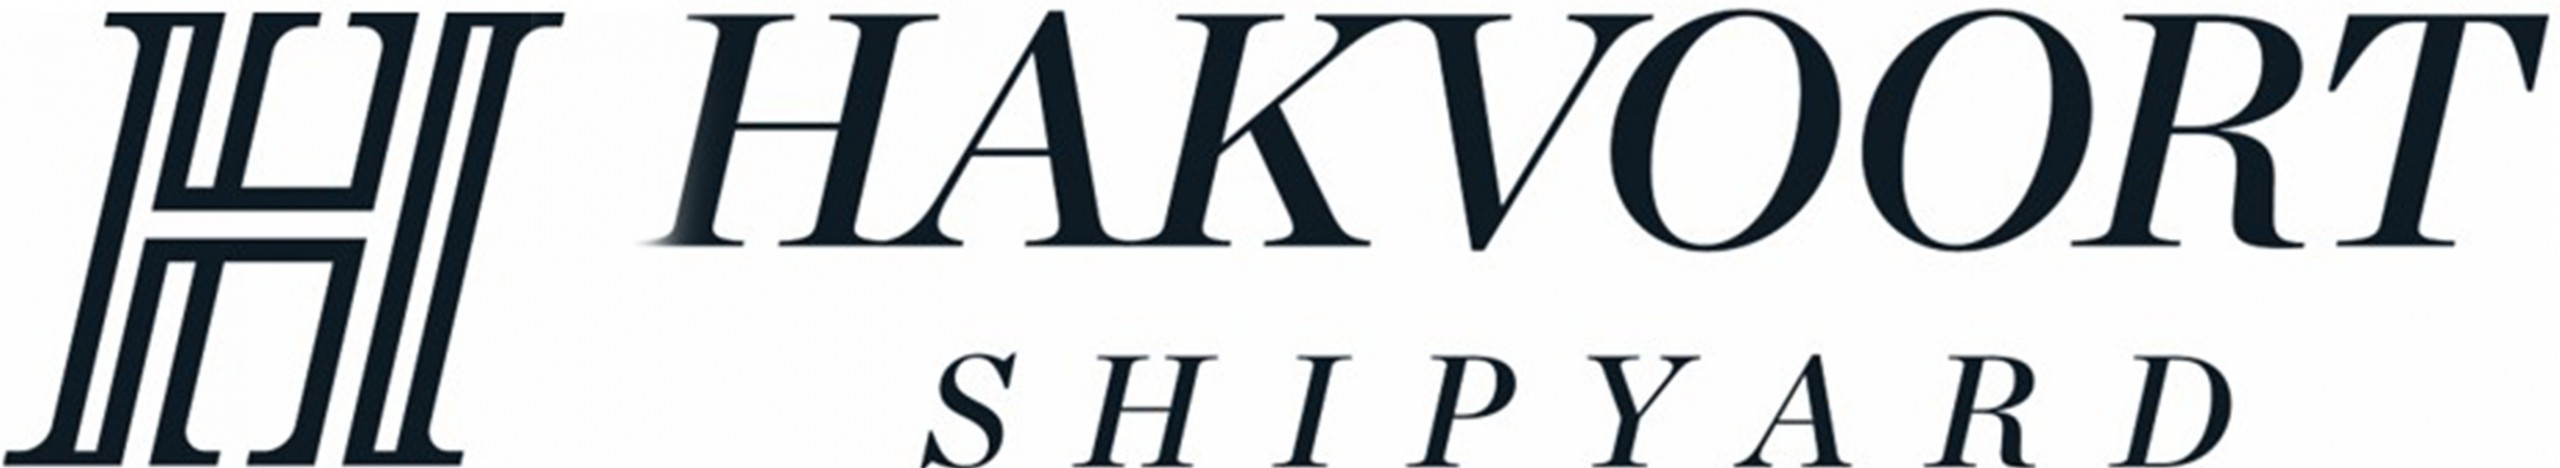 Hakvoort logo Metalfinish Group